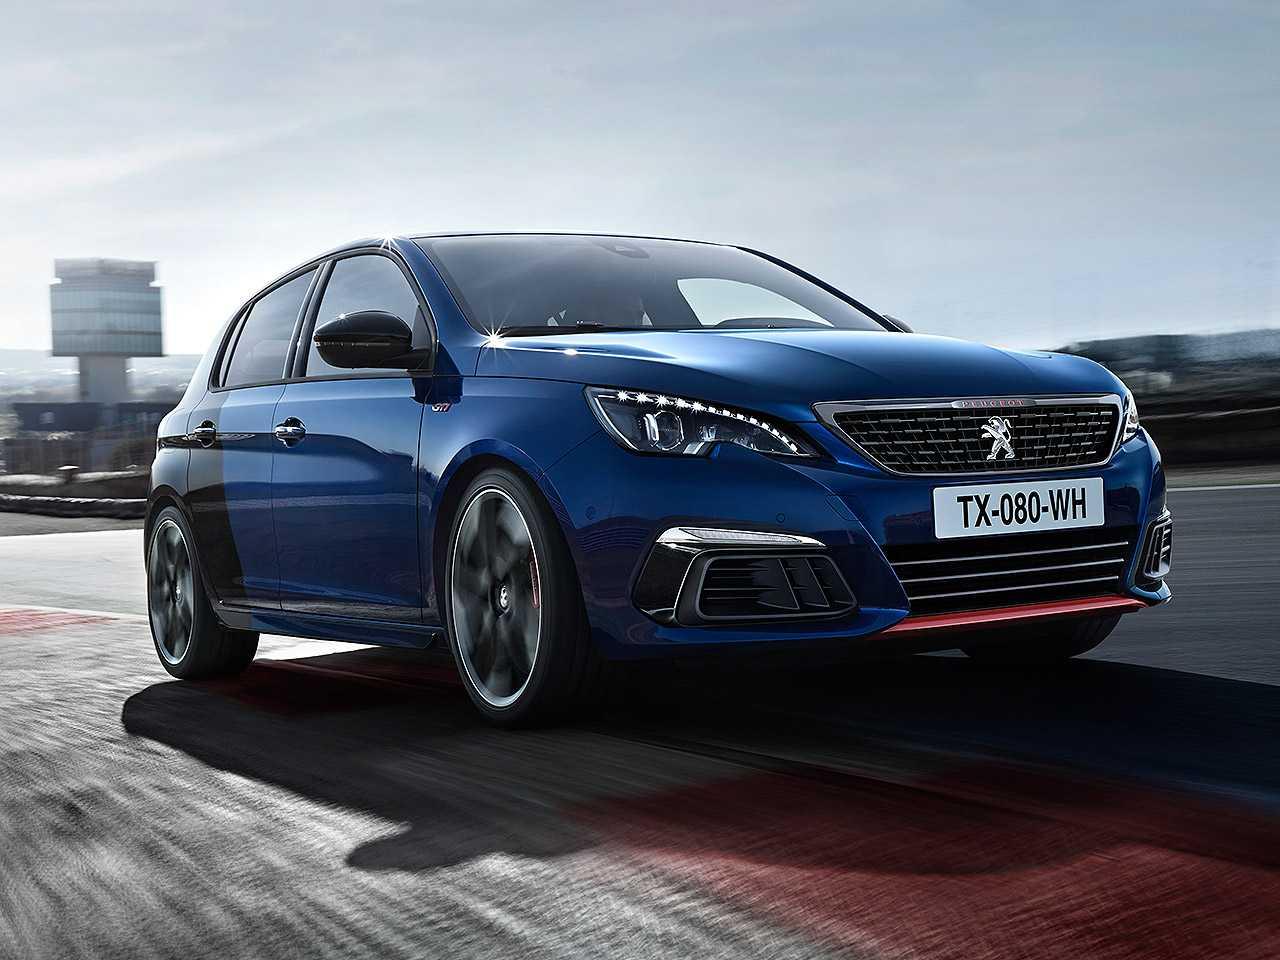 Galeria De Fotos  Novo Peugeot 308 Pode Estrear Em 2021 E